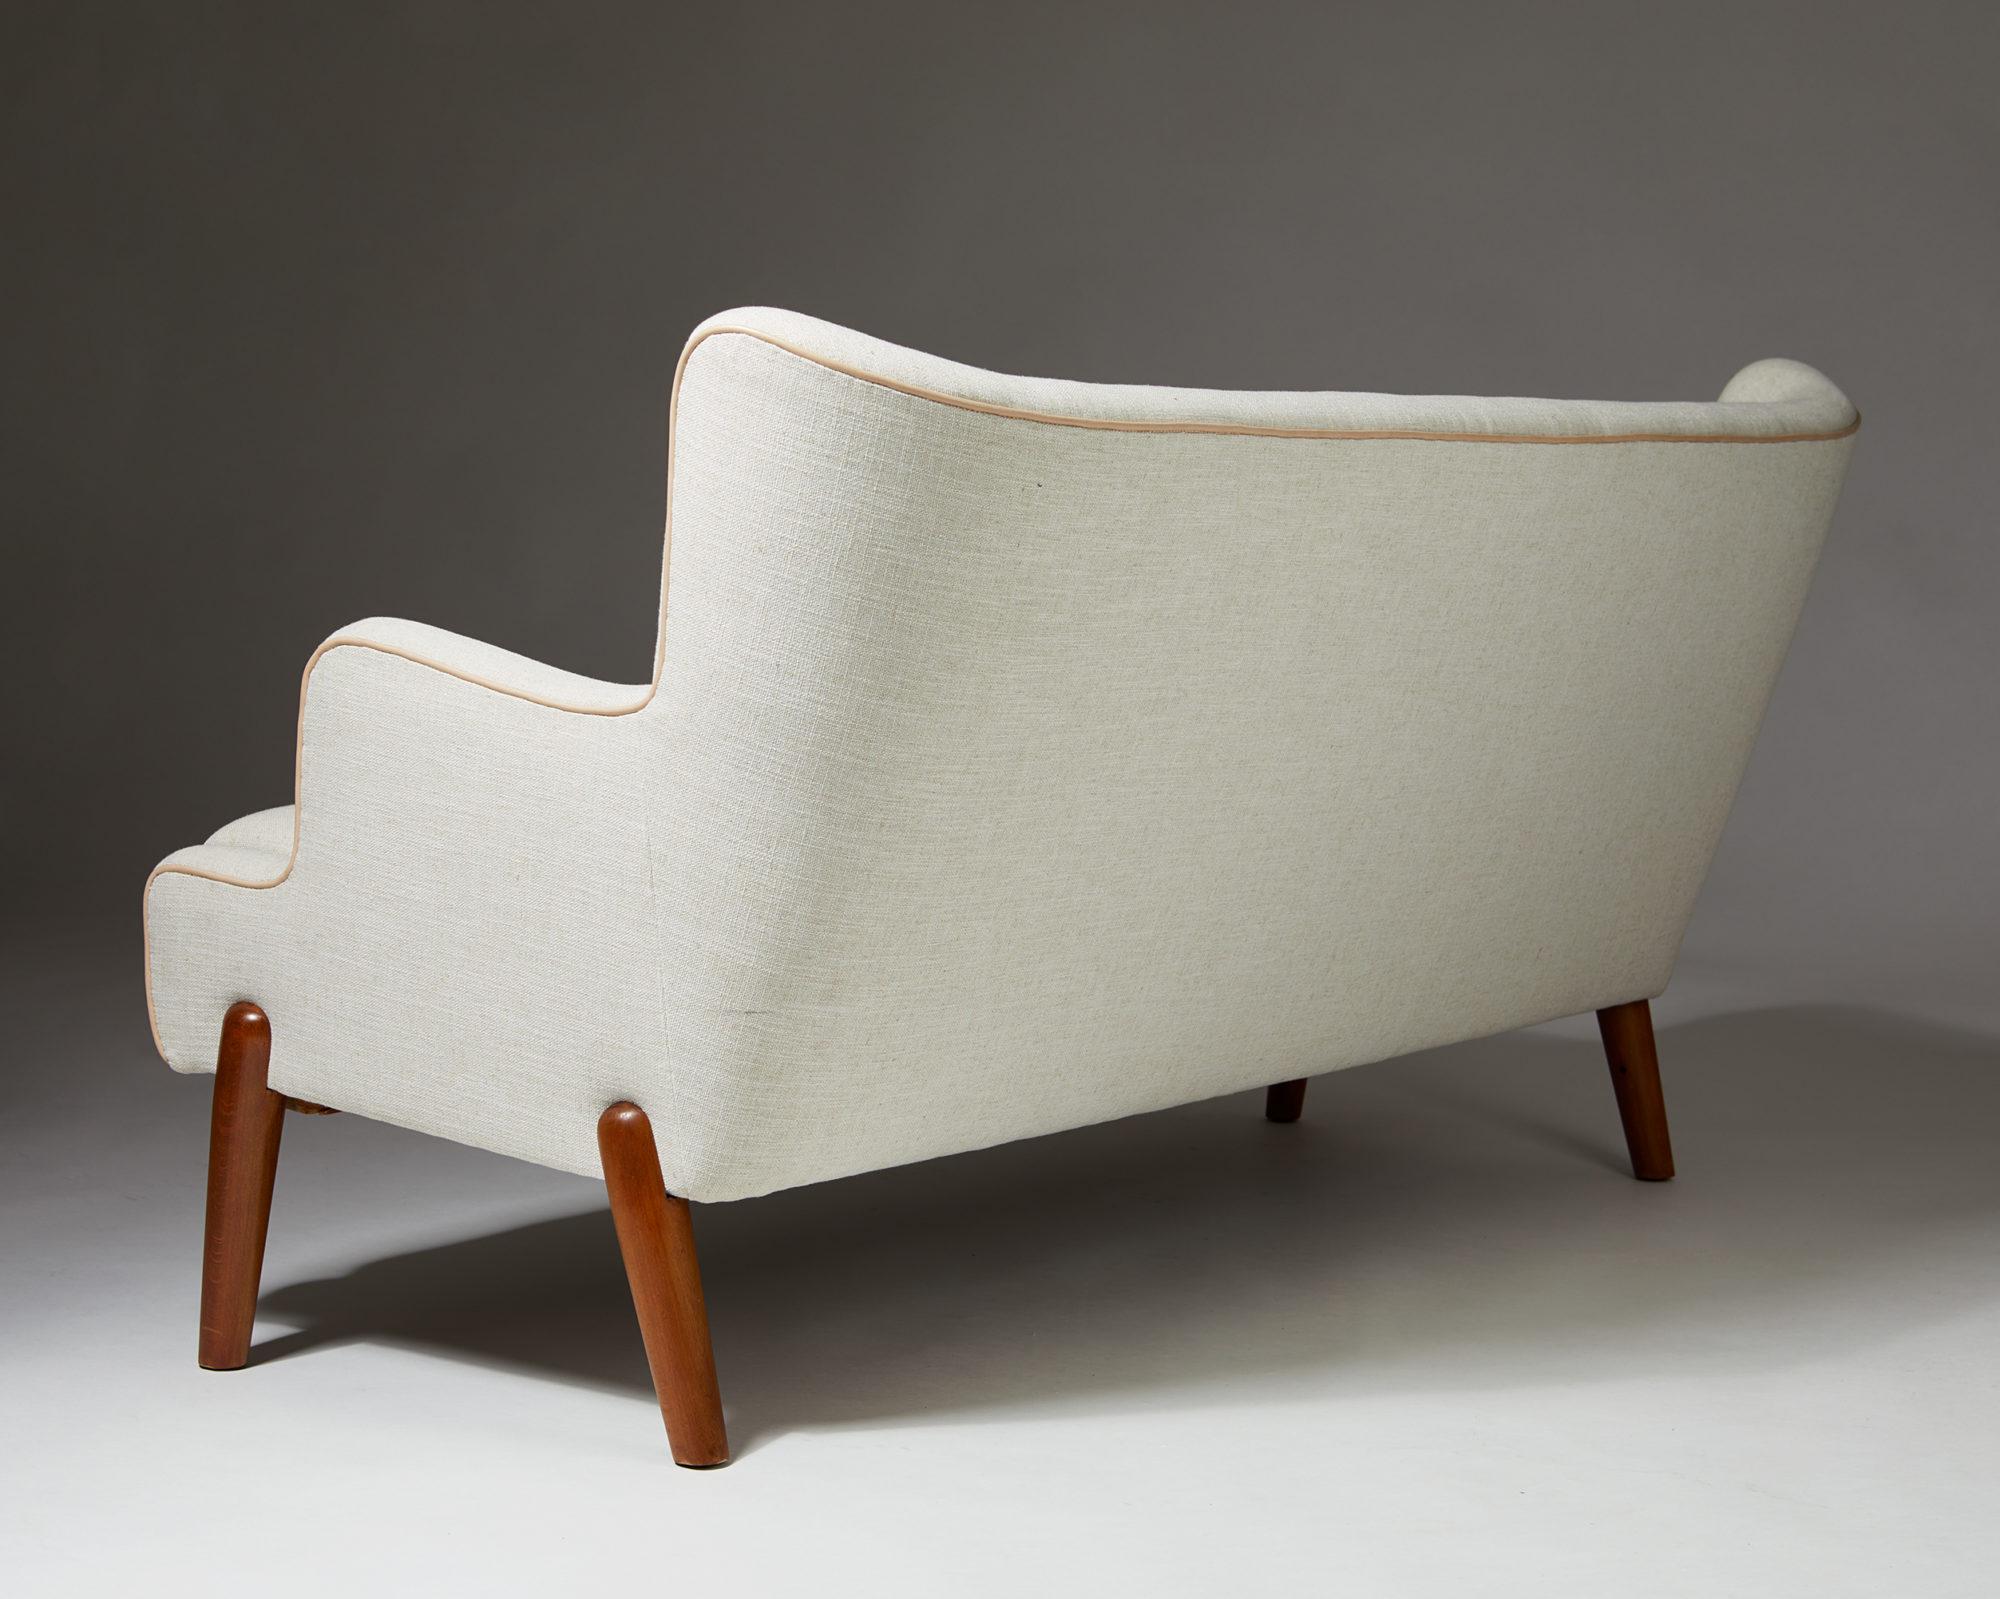 """Sofa """"Koppel"""" designed by Eva and Nils Koppel for Slagelse Møbelværk, Denmark. 1950's. by Modernity on curated-crowd.com"""